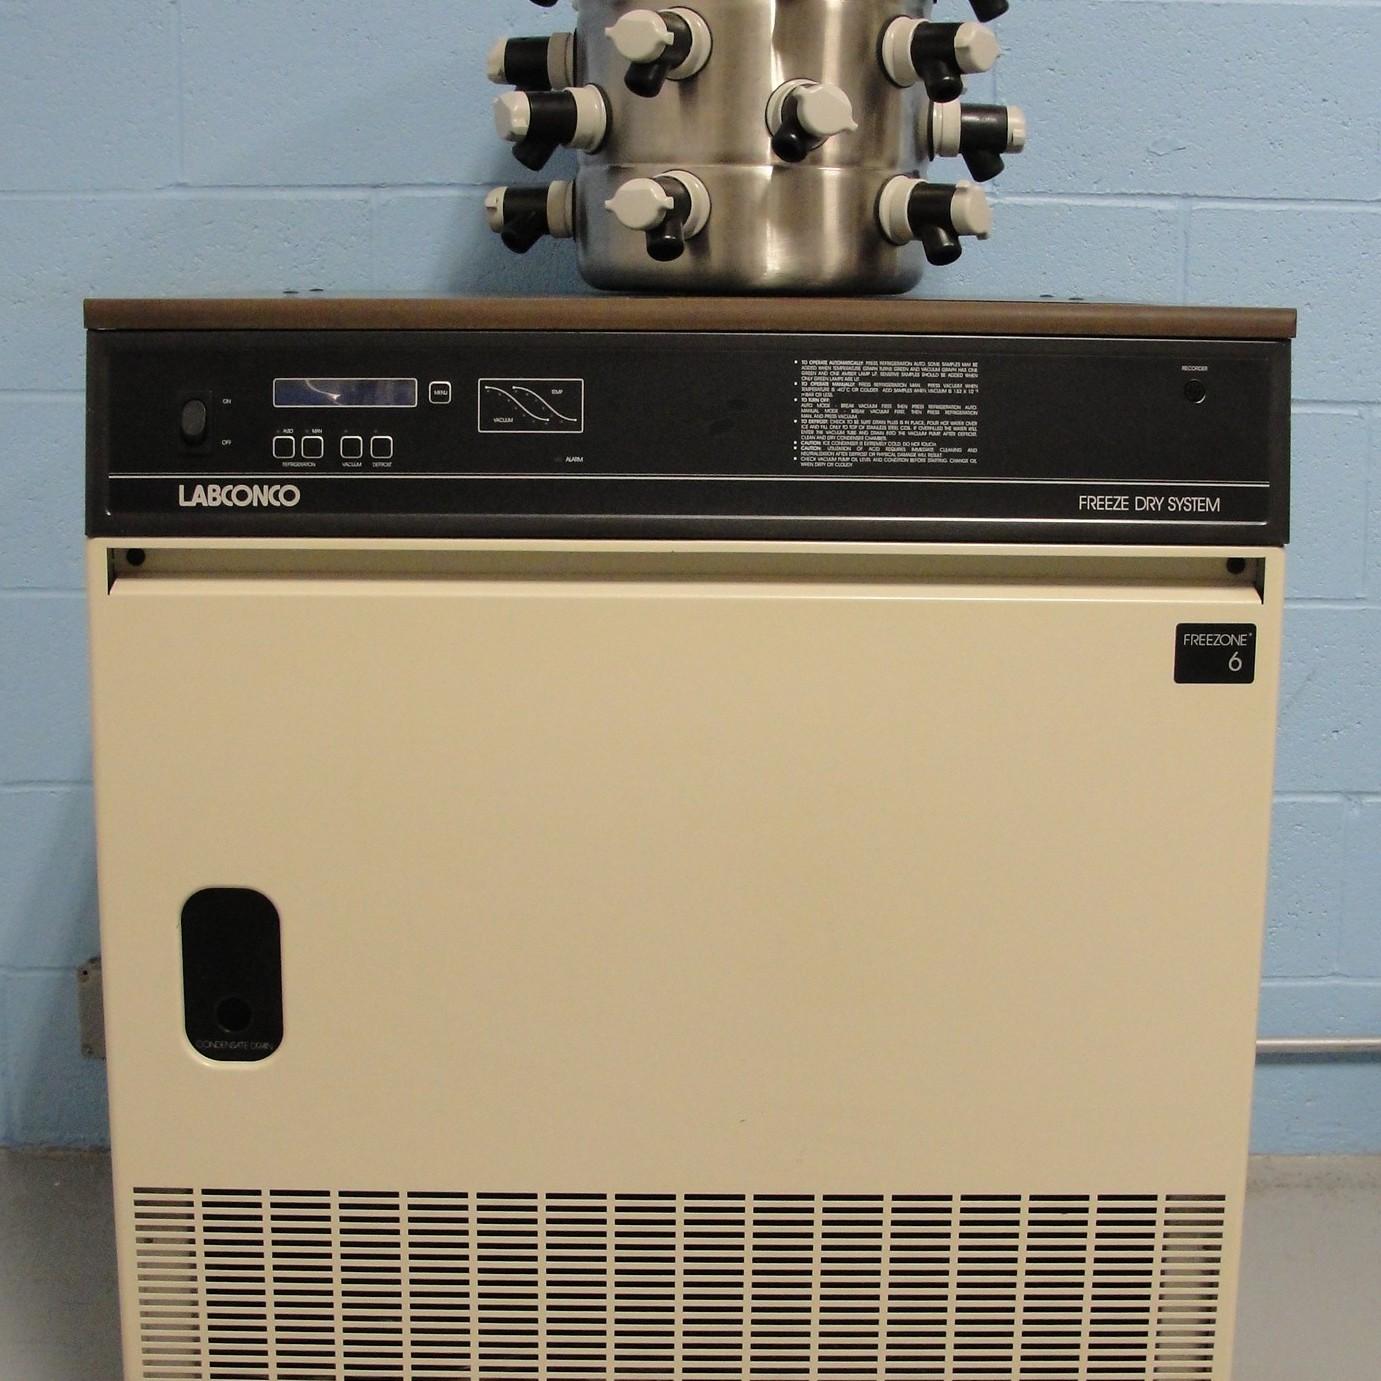 Labconco Lyph Lock 6 Floor Model Freeze Dryer Image